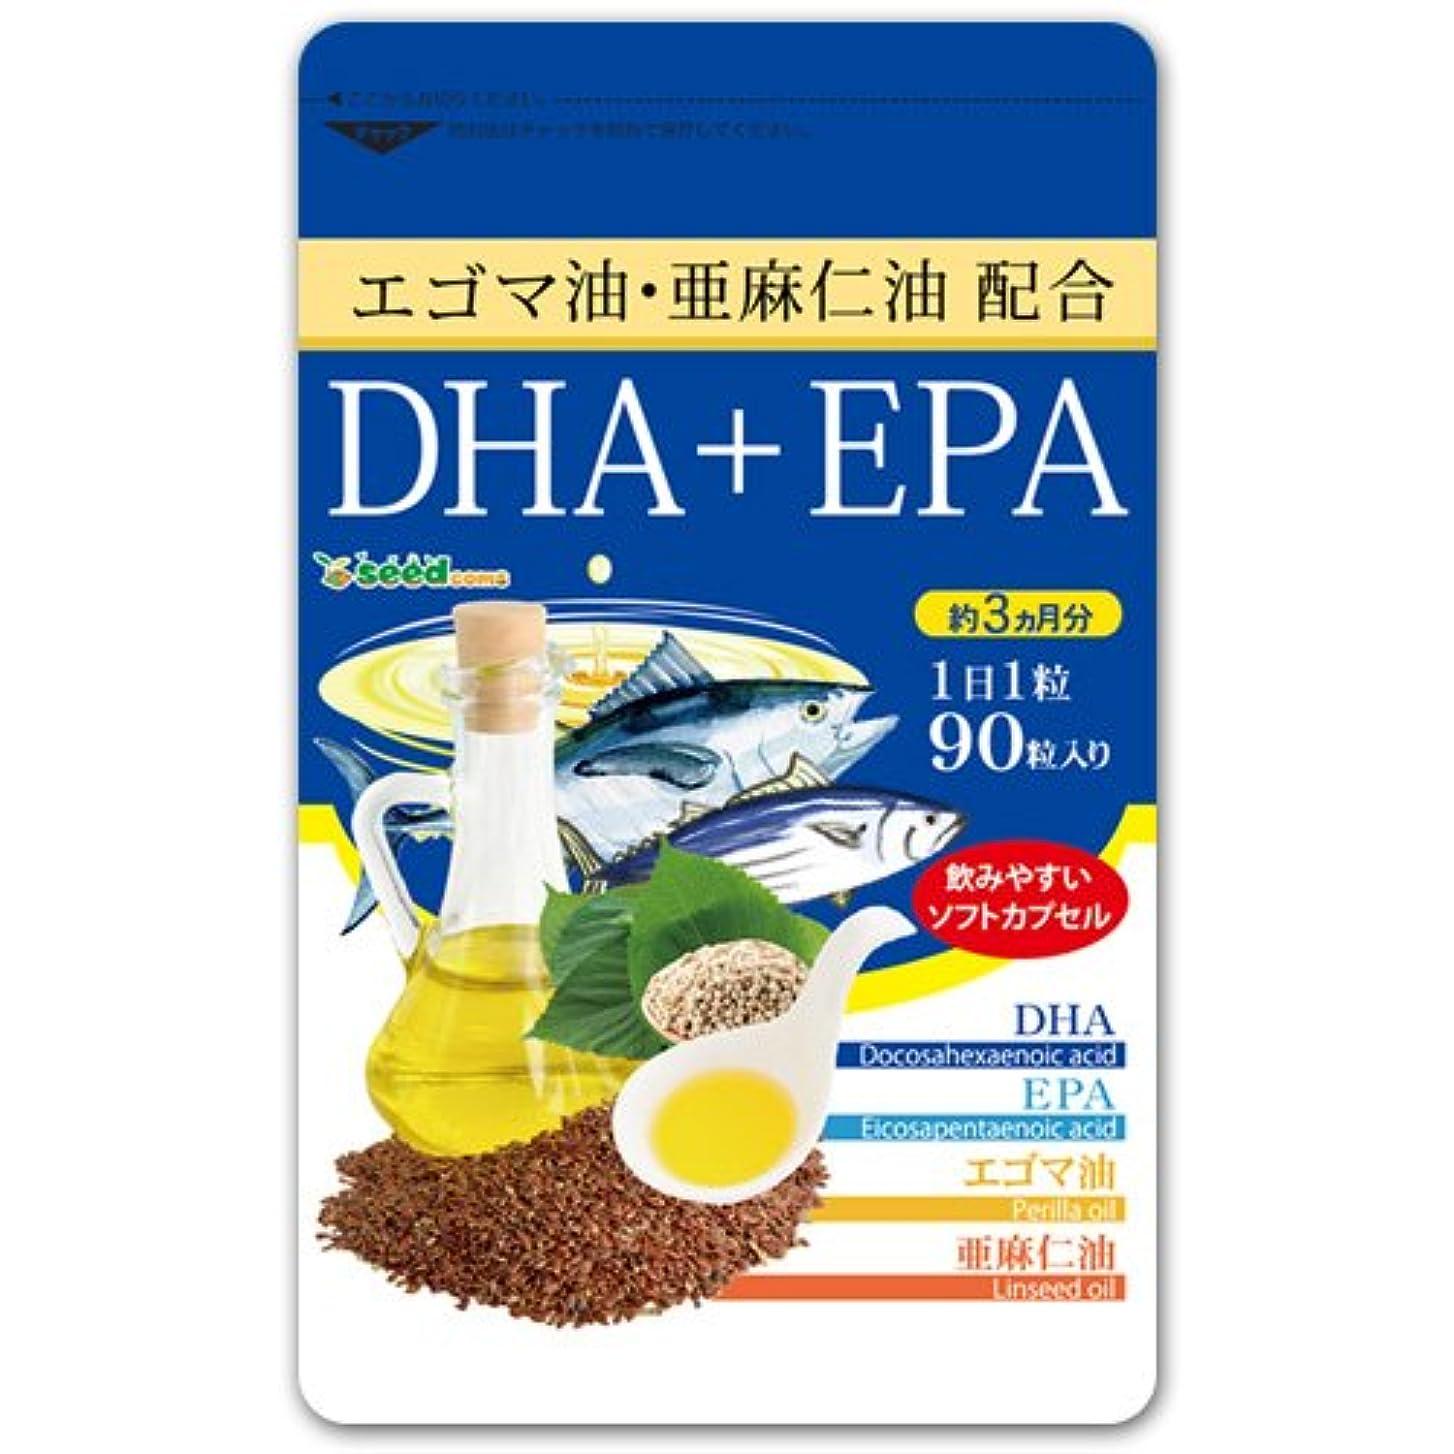 凝縮するインフルエンザ勧める【 seedcoms シードコムス 公式 】亜麻仁油 エゴマ油配合 DHA+EPA (約3ヶ月分/90粒)